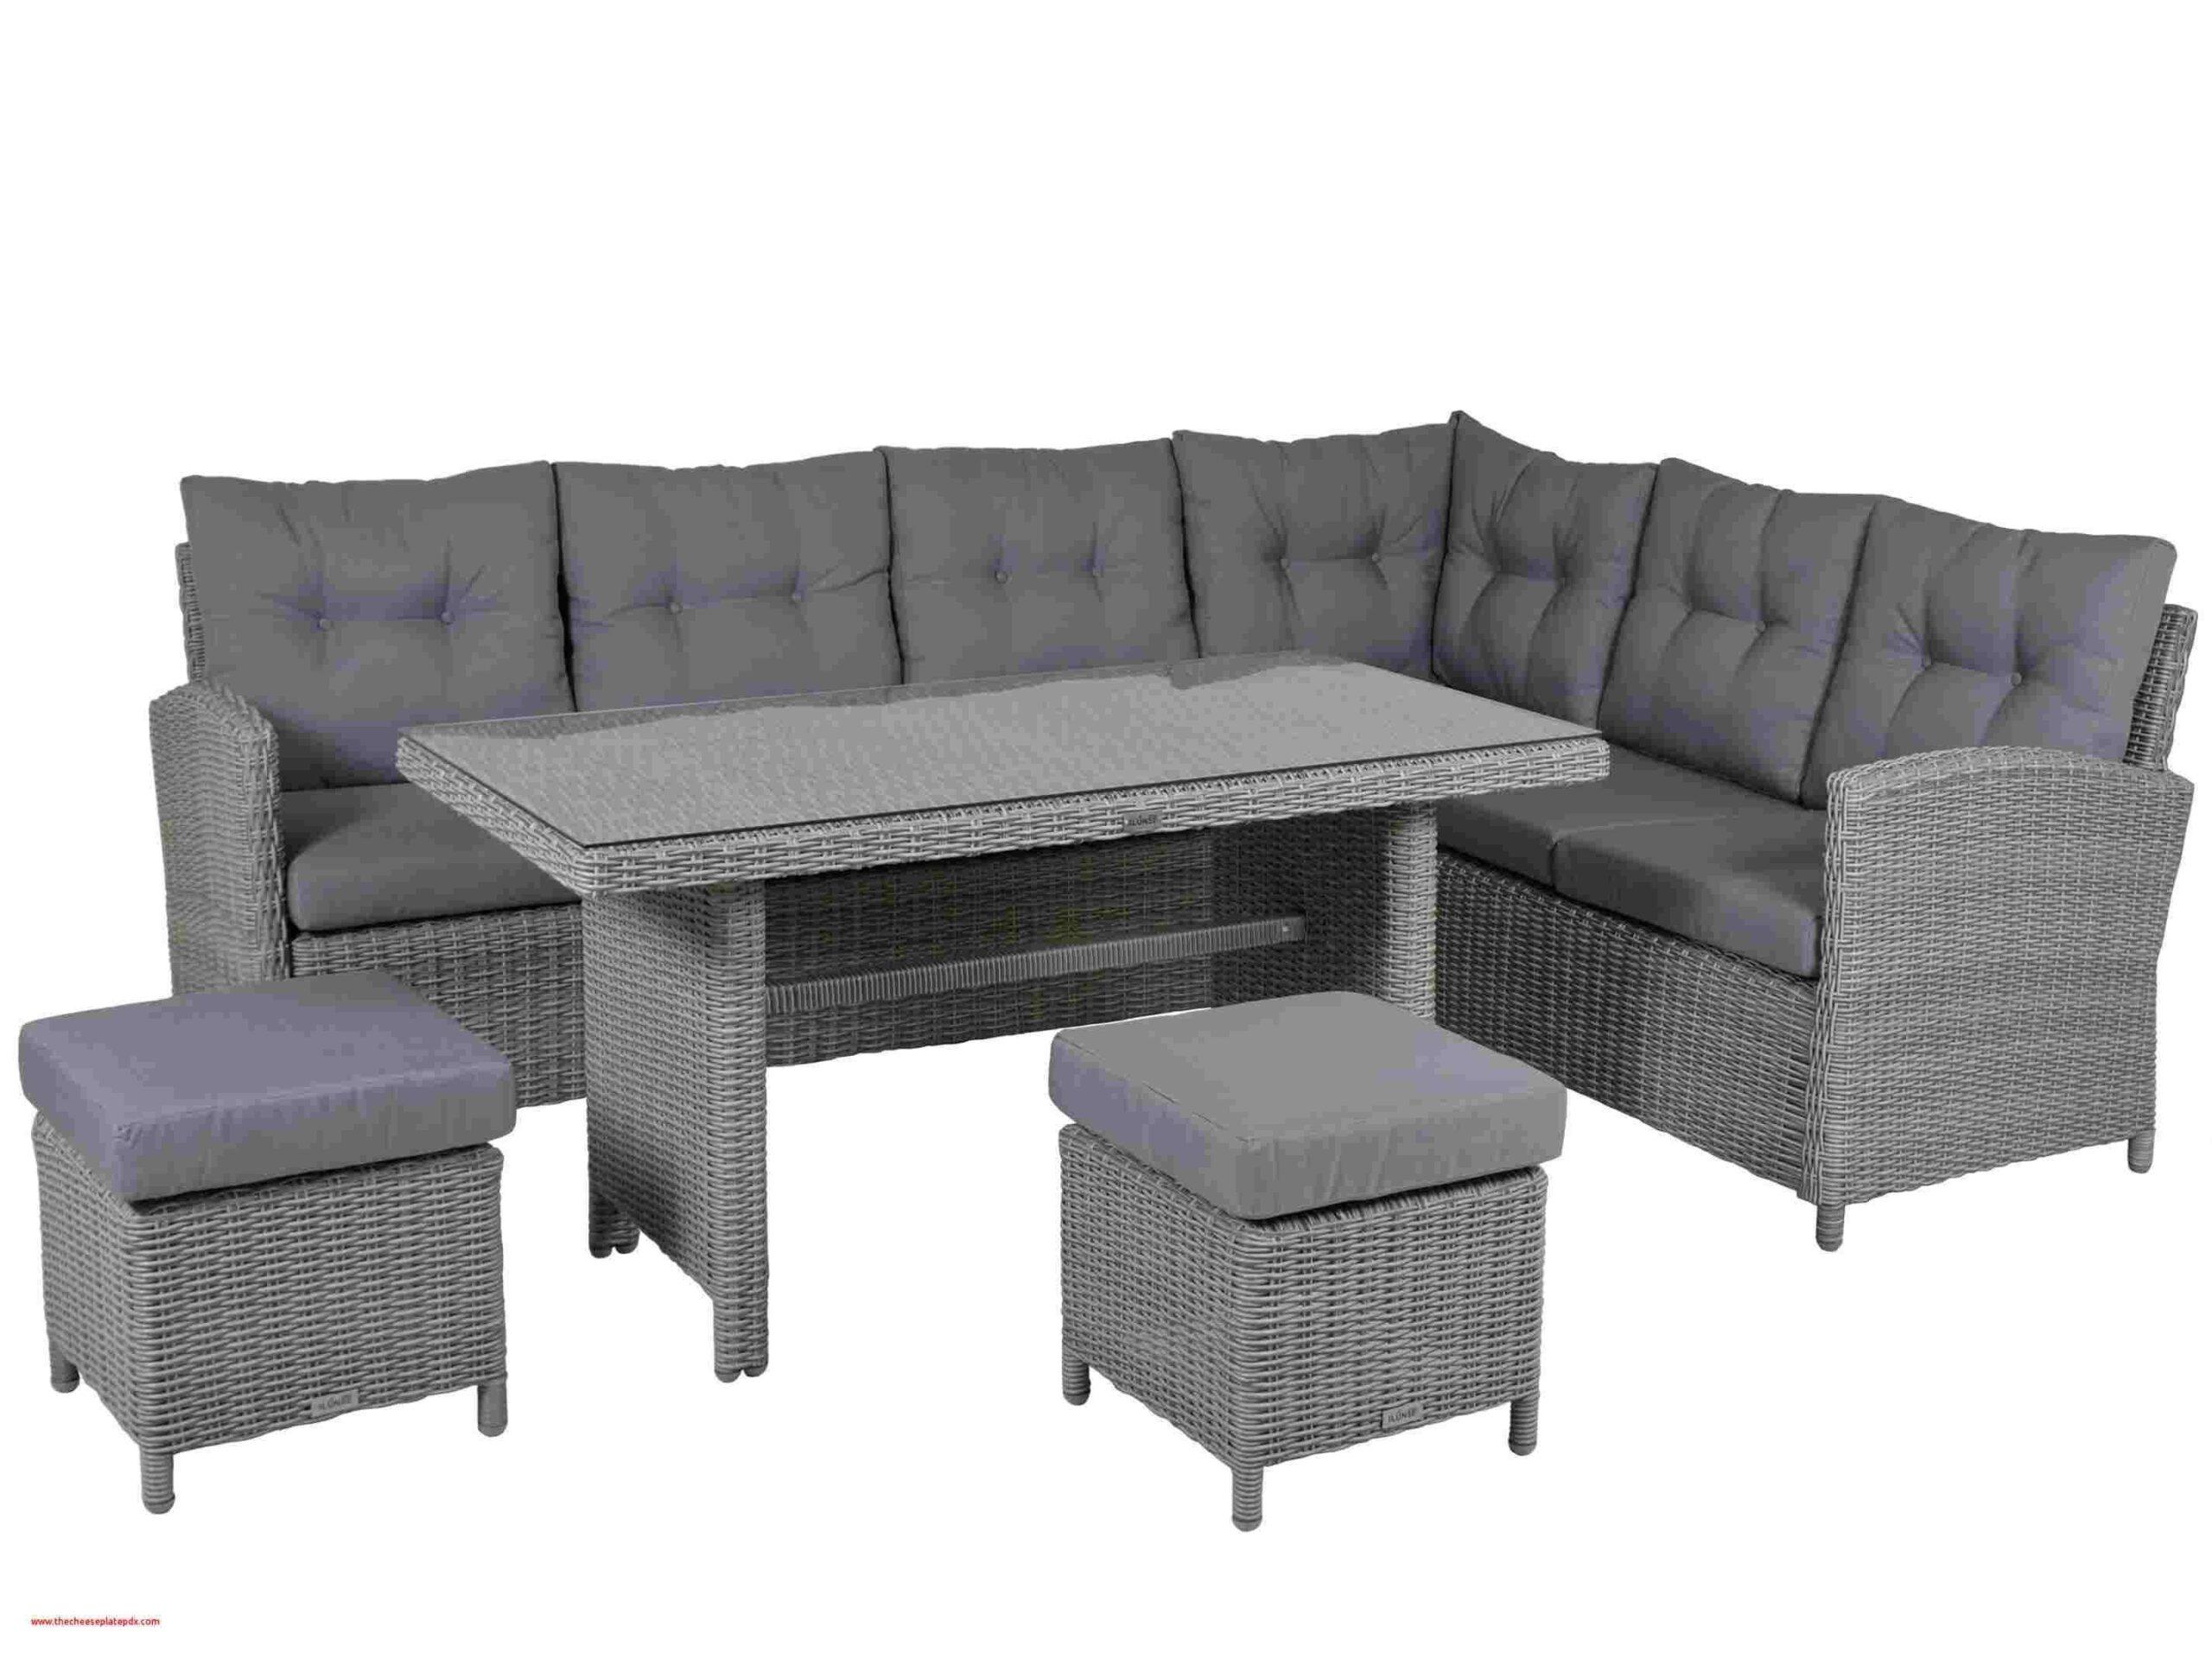 Full Size of Ikea Sitzbank Gartenmbel 2019 Outdoor Stoffe Unique Bad Sofa Mit Schlaffunktion Miniküche Betten 160x200 Modulküche Küche Kosten Schlafzimmer Kaufen Bei Wohnzimmer Ikea Sitzbank